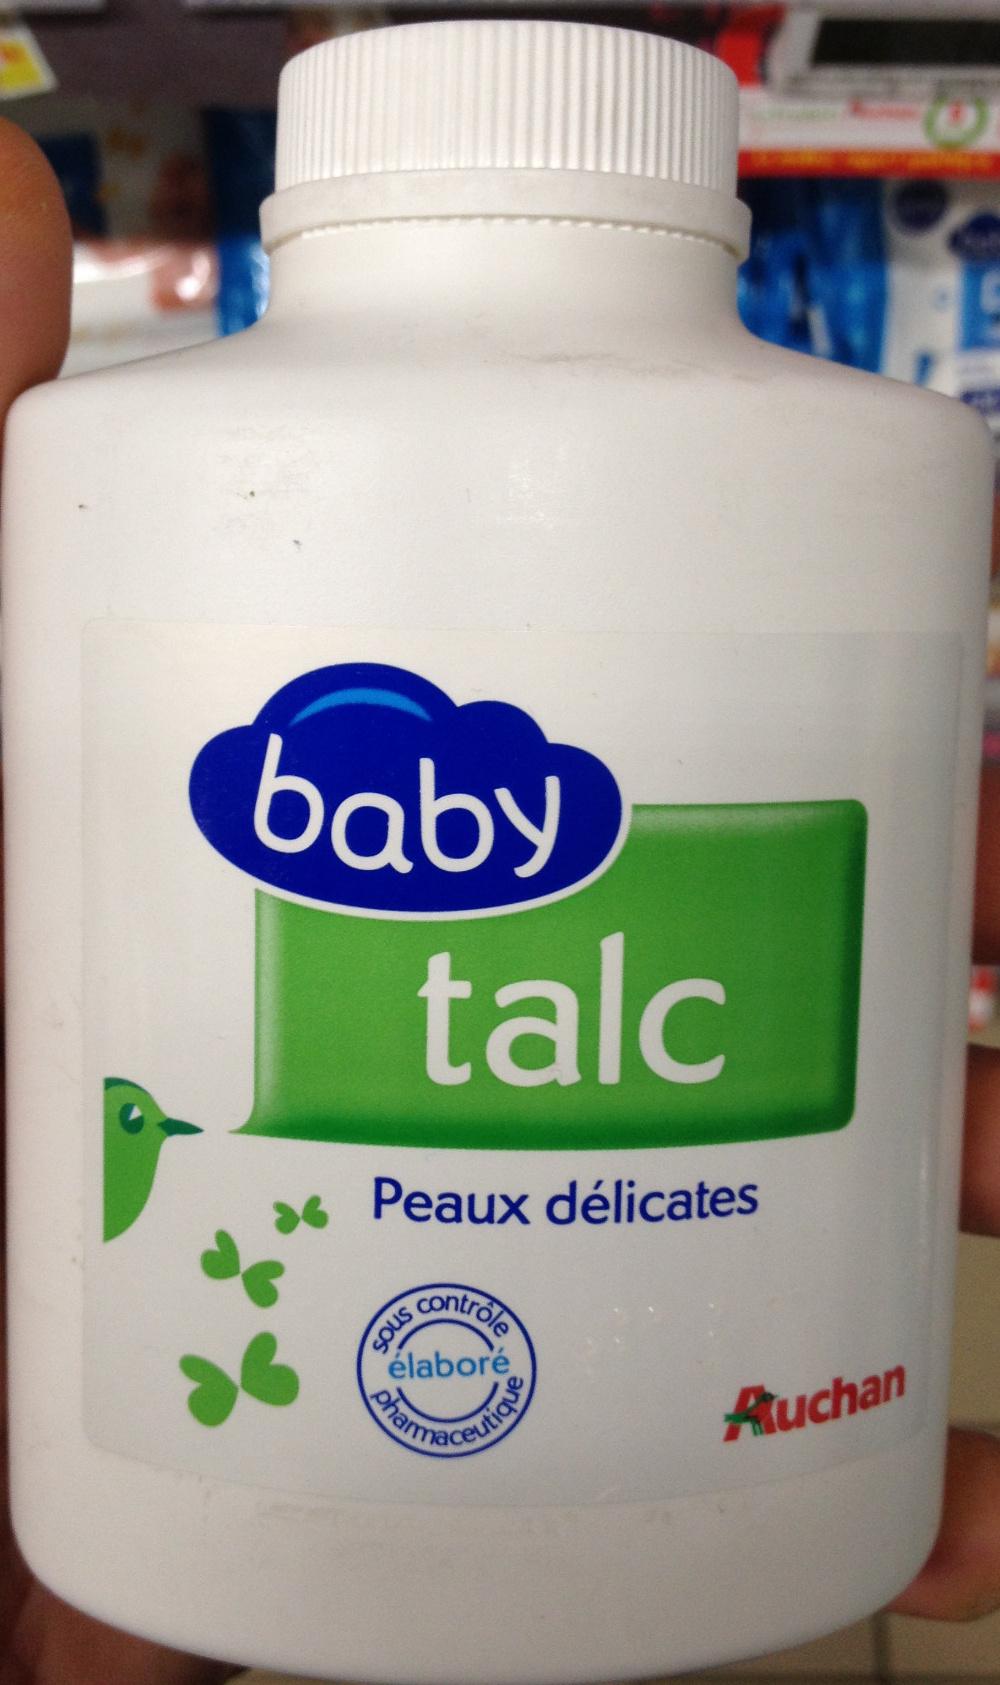 Talc baby peaux délicates - Produit - fr